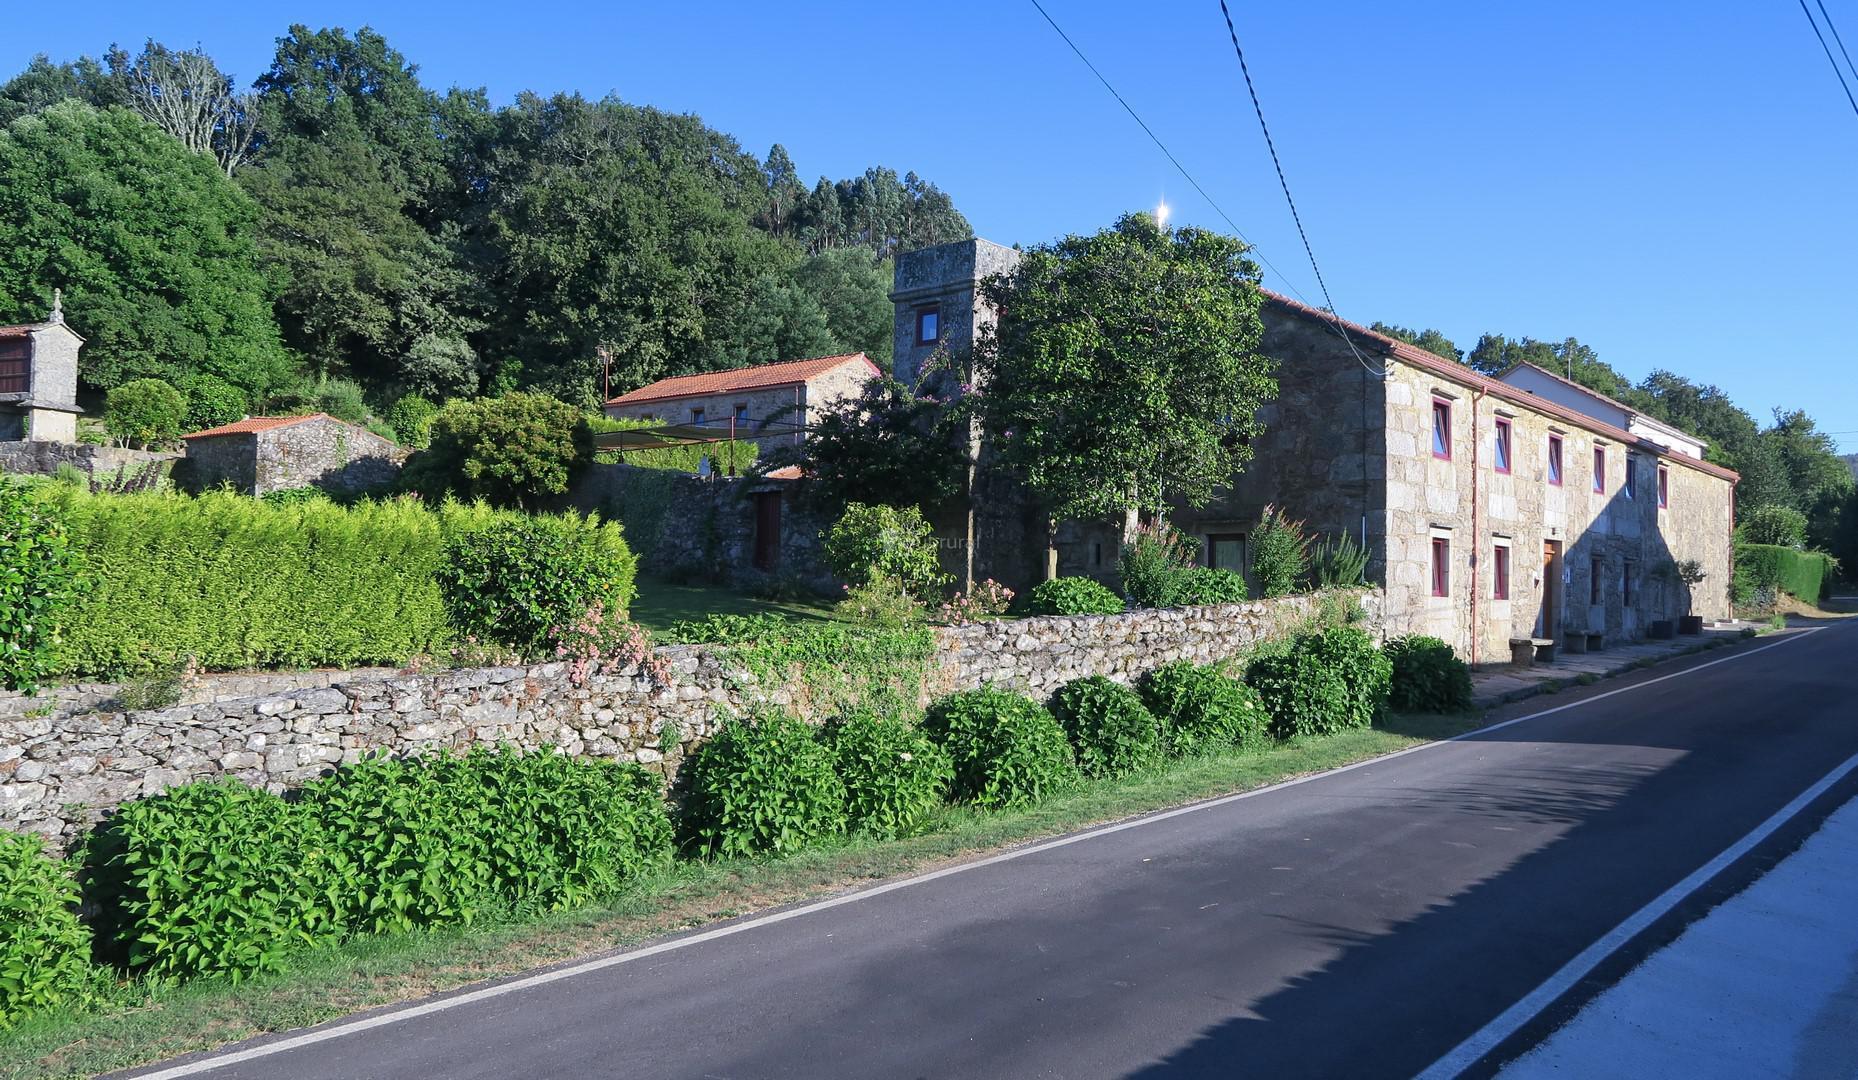 Fotos de vagalumes pontevedra a estrada clubrural - Casas rurales galicia ofertas ...